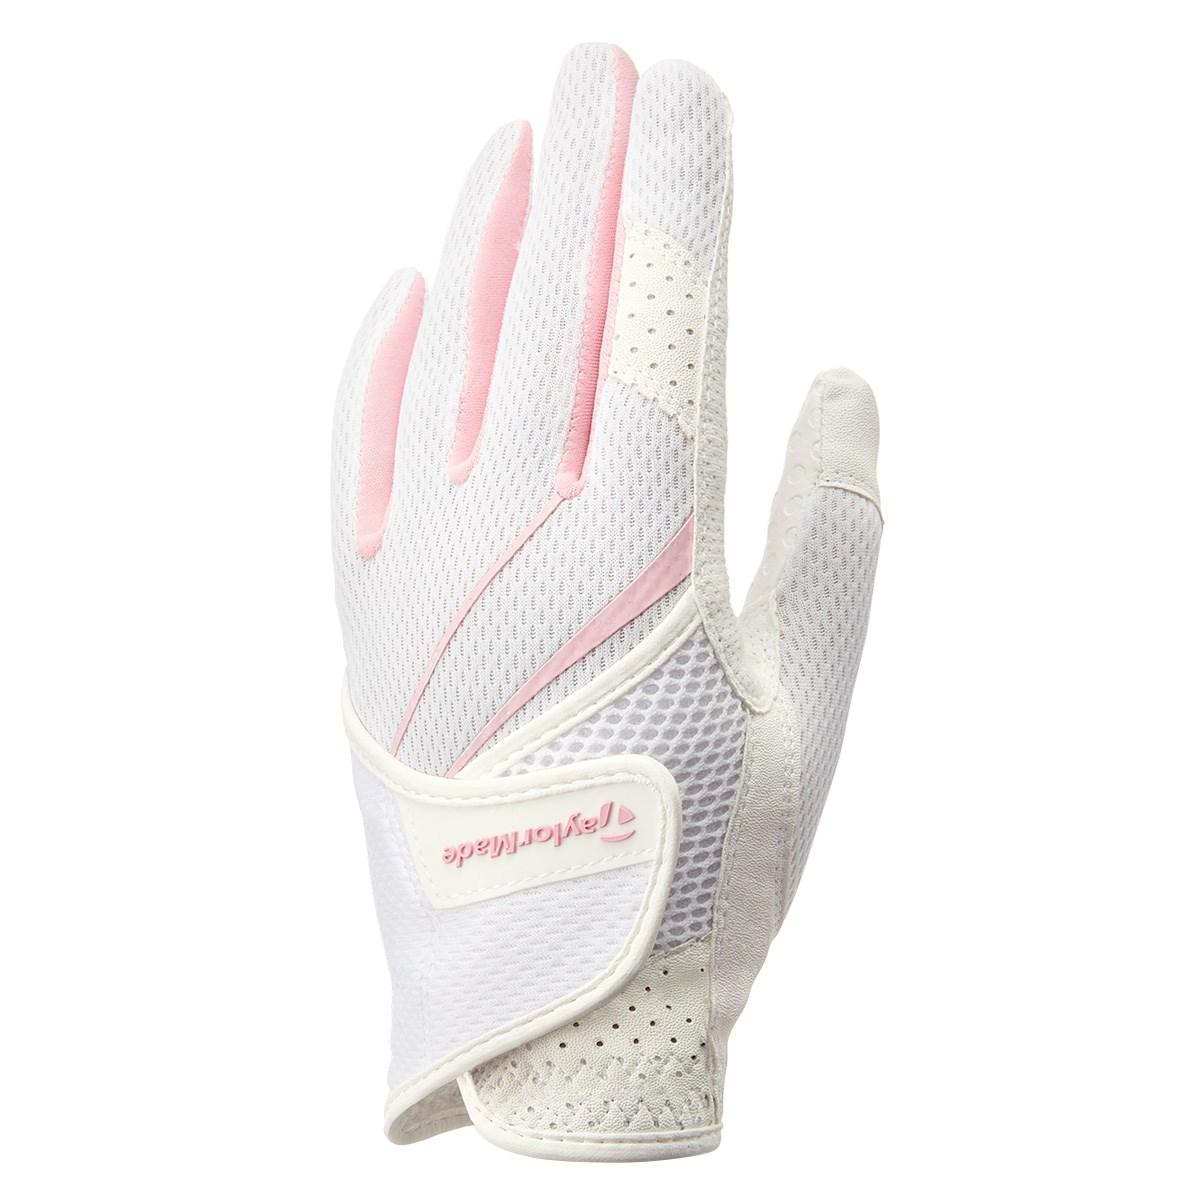 テーラーメイド Taylor Made サマーグローブ 18cm 左手着用(右利き用) ホワイト/ピンク レディス